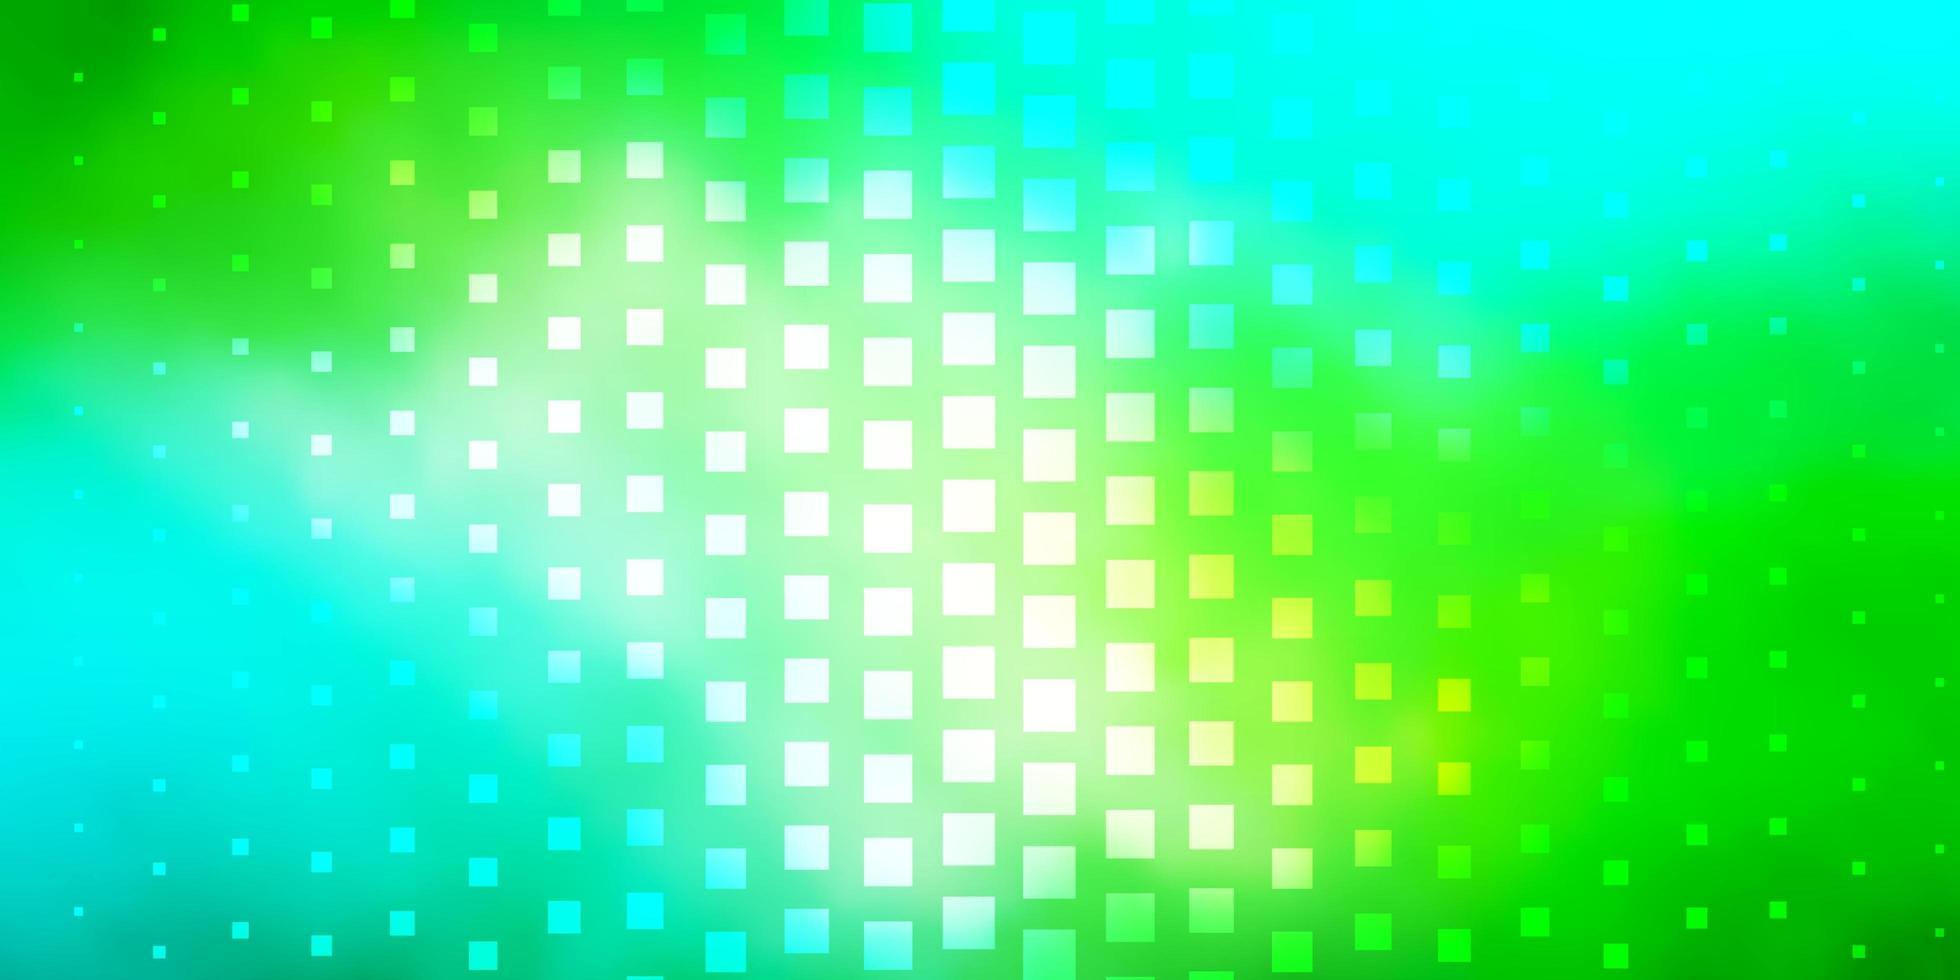 modèle bleu clair et jaune en rectangles. vecteur